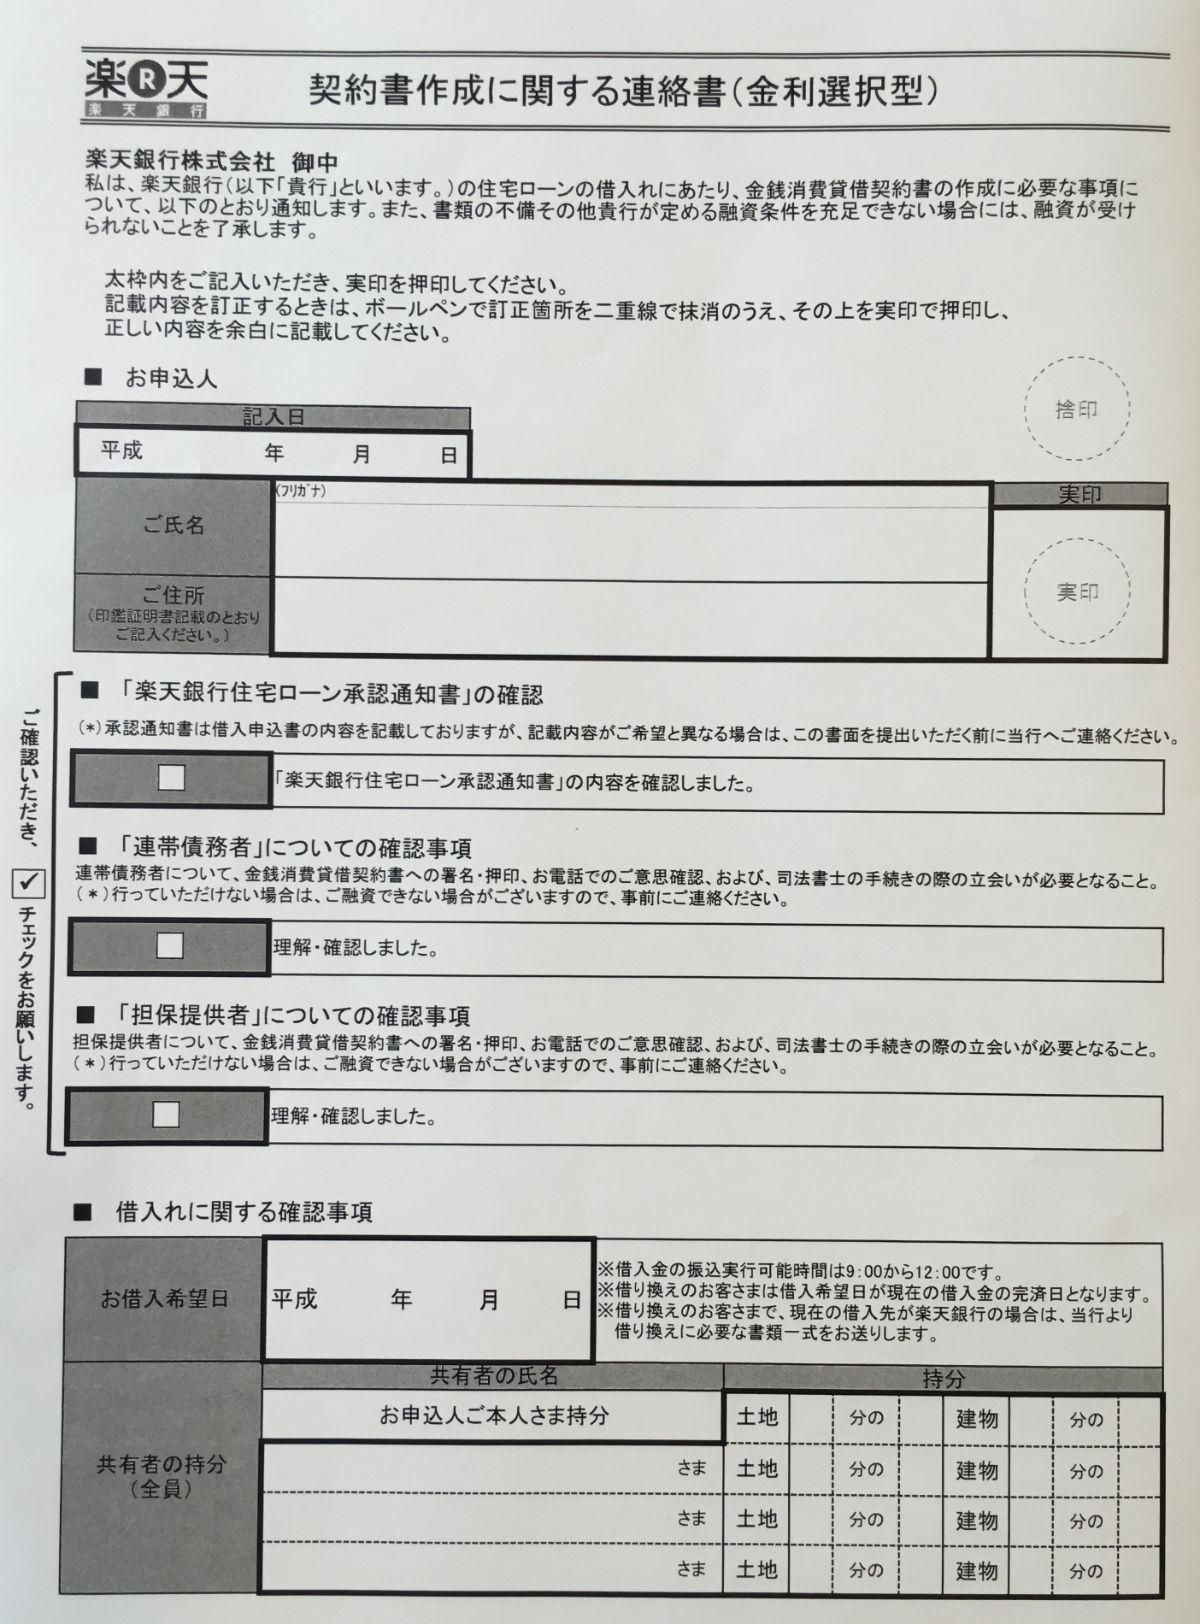 楽天銀行 契約書作成に関する連絡書の記入例1ページ目